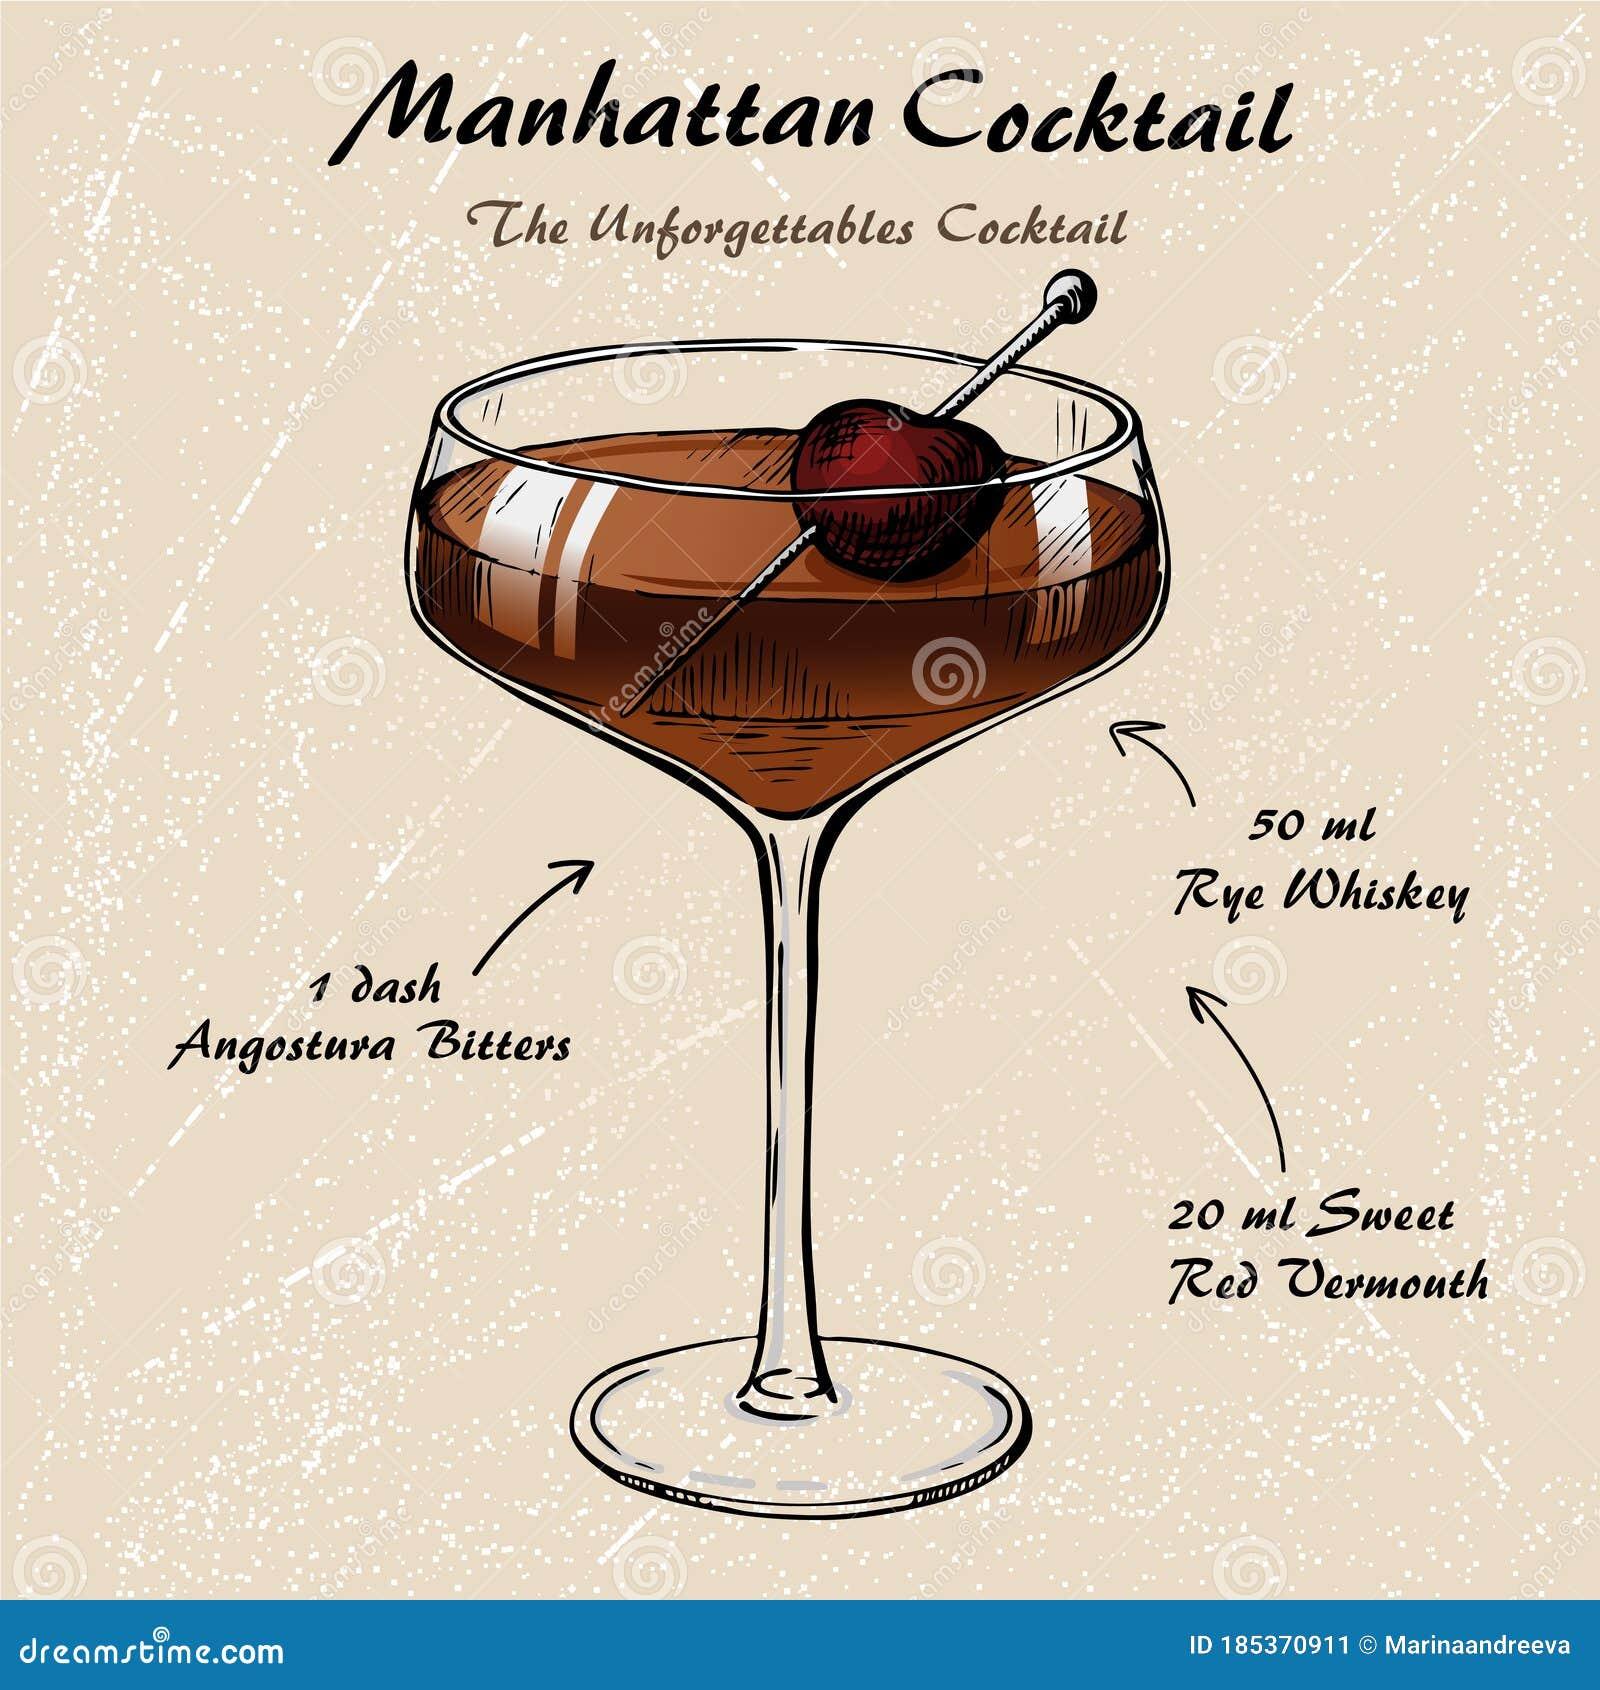 Manhattan Cocktail Recipe Vector Hahddrawn Illustration Sketch Stock Vector Illustration Of Manhattan Bartender 185370911